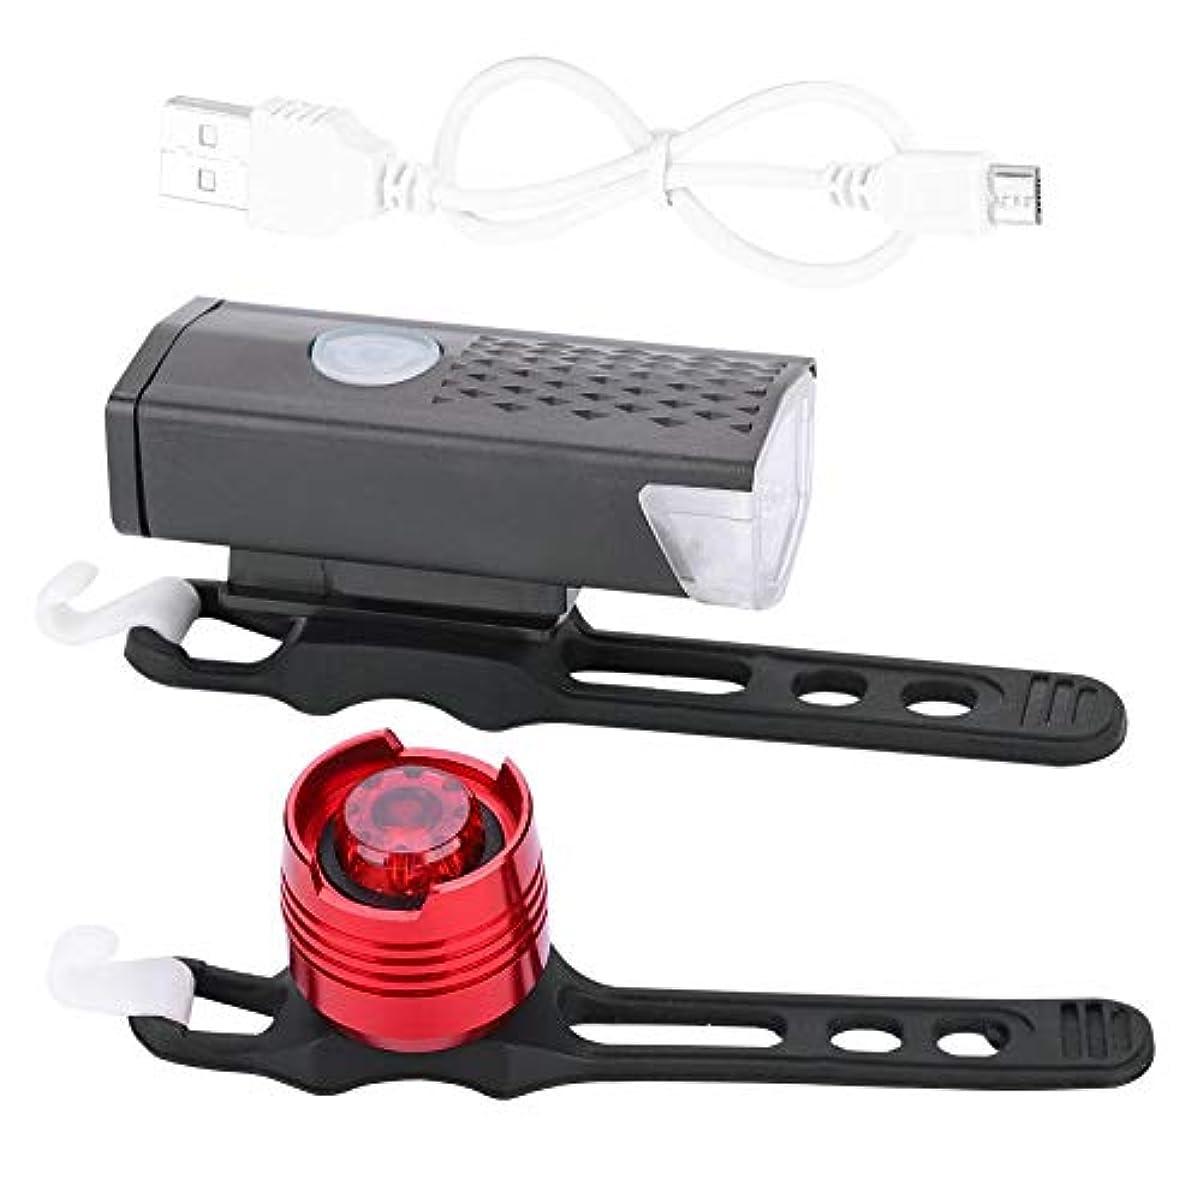 ワット木製故意に自転車ライト 防水 マウンテンバイク ヘッドライト&リアライト USB充電式 サイクリング ライトセット 2モード 照明